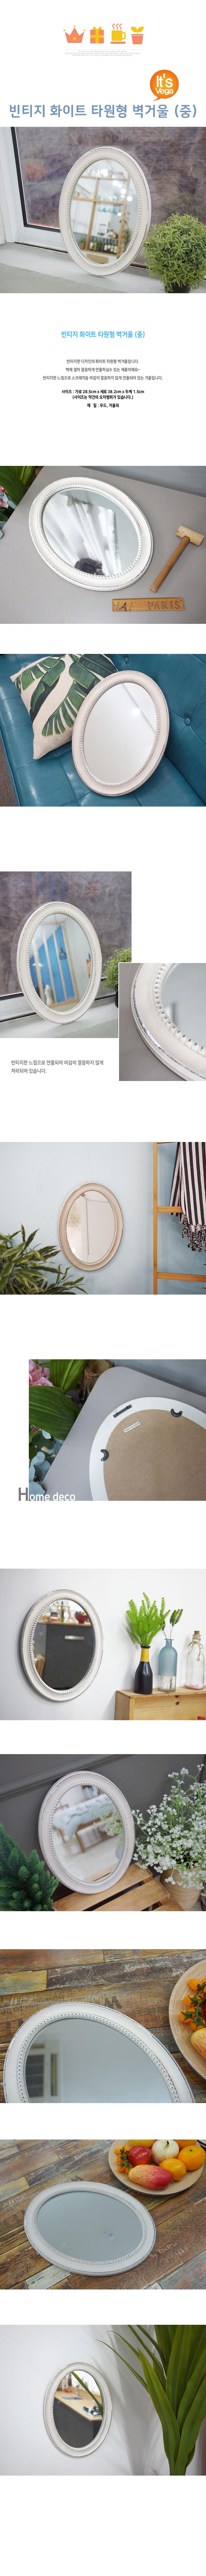 빈티지 화이트 타원형 벽거울 (중) - 베가, 37,000원, 거울, 벽걸이거울